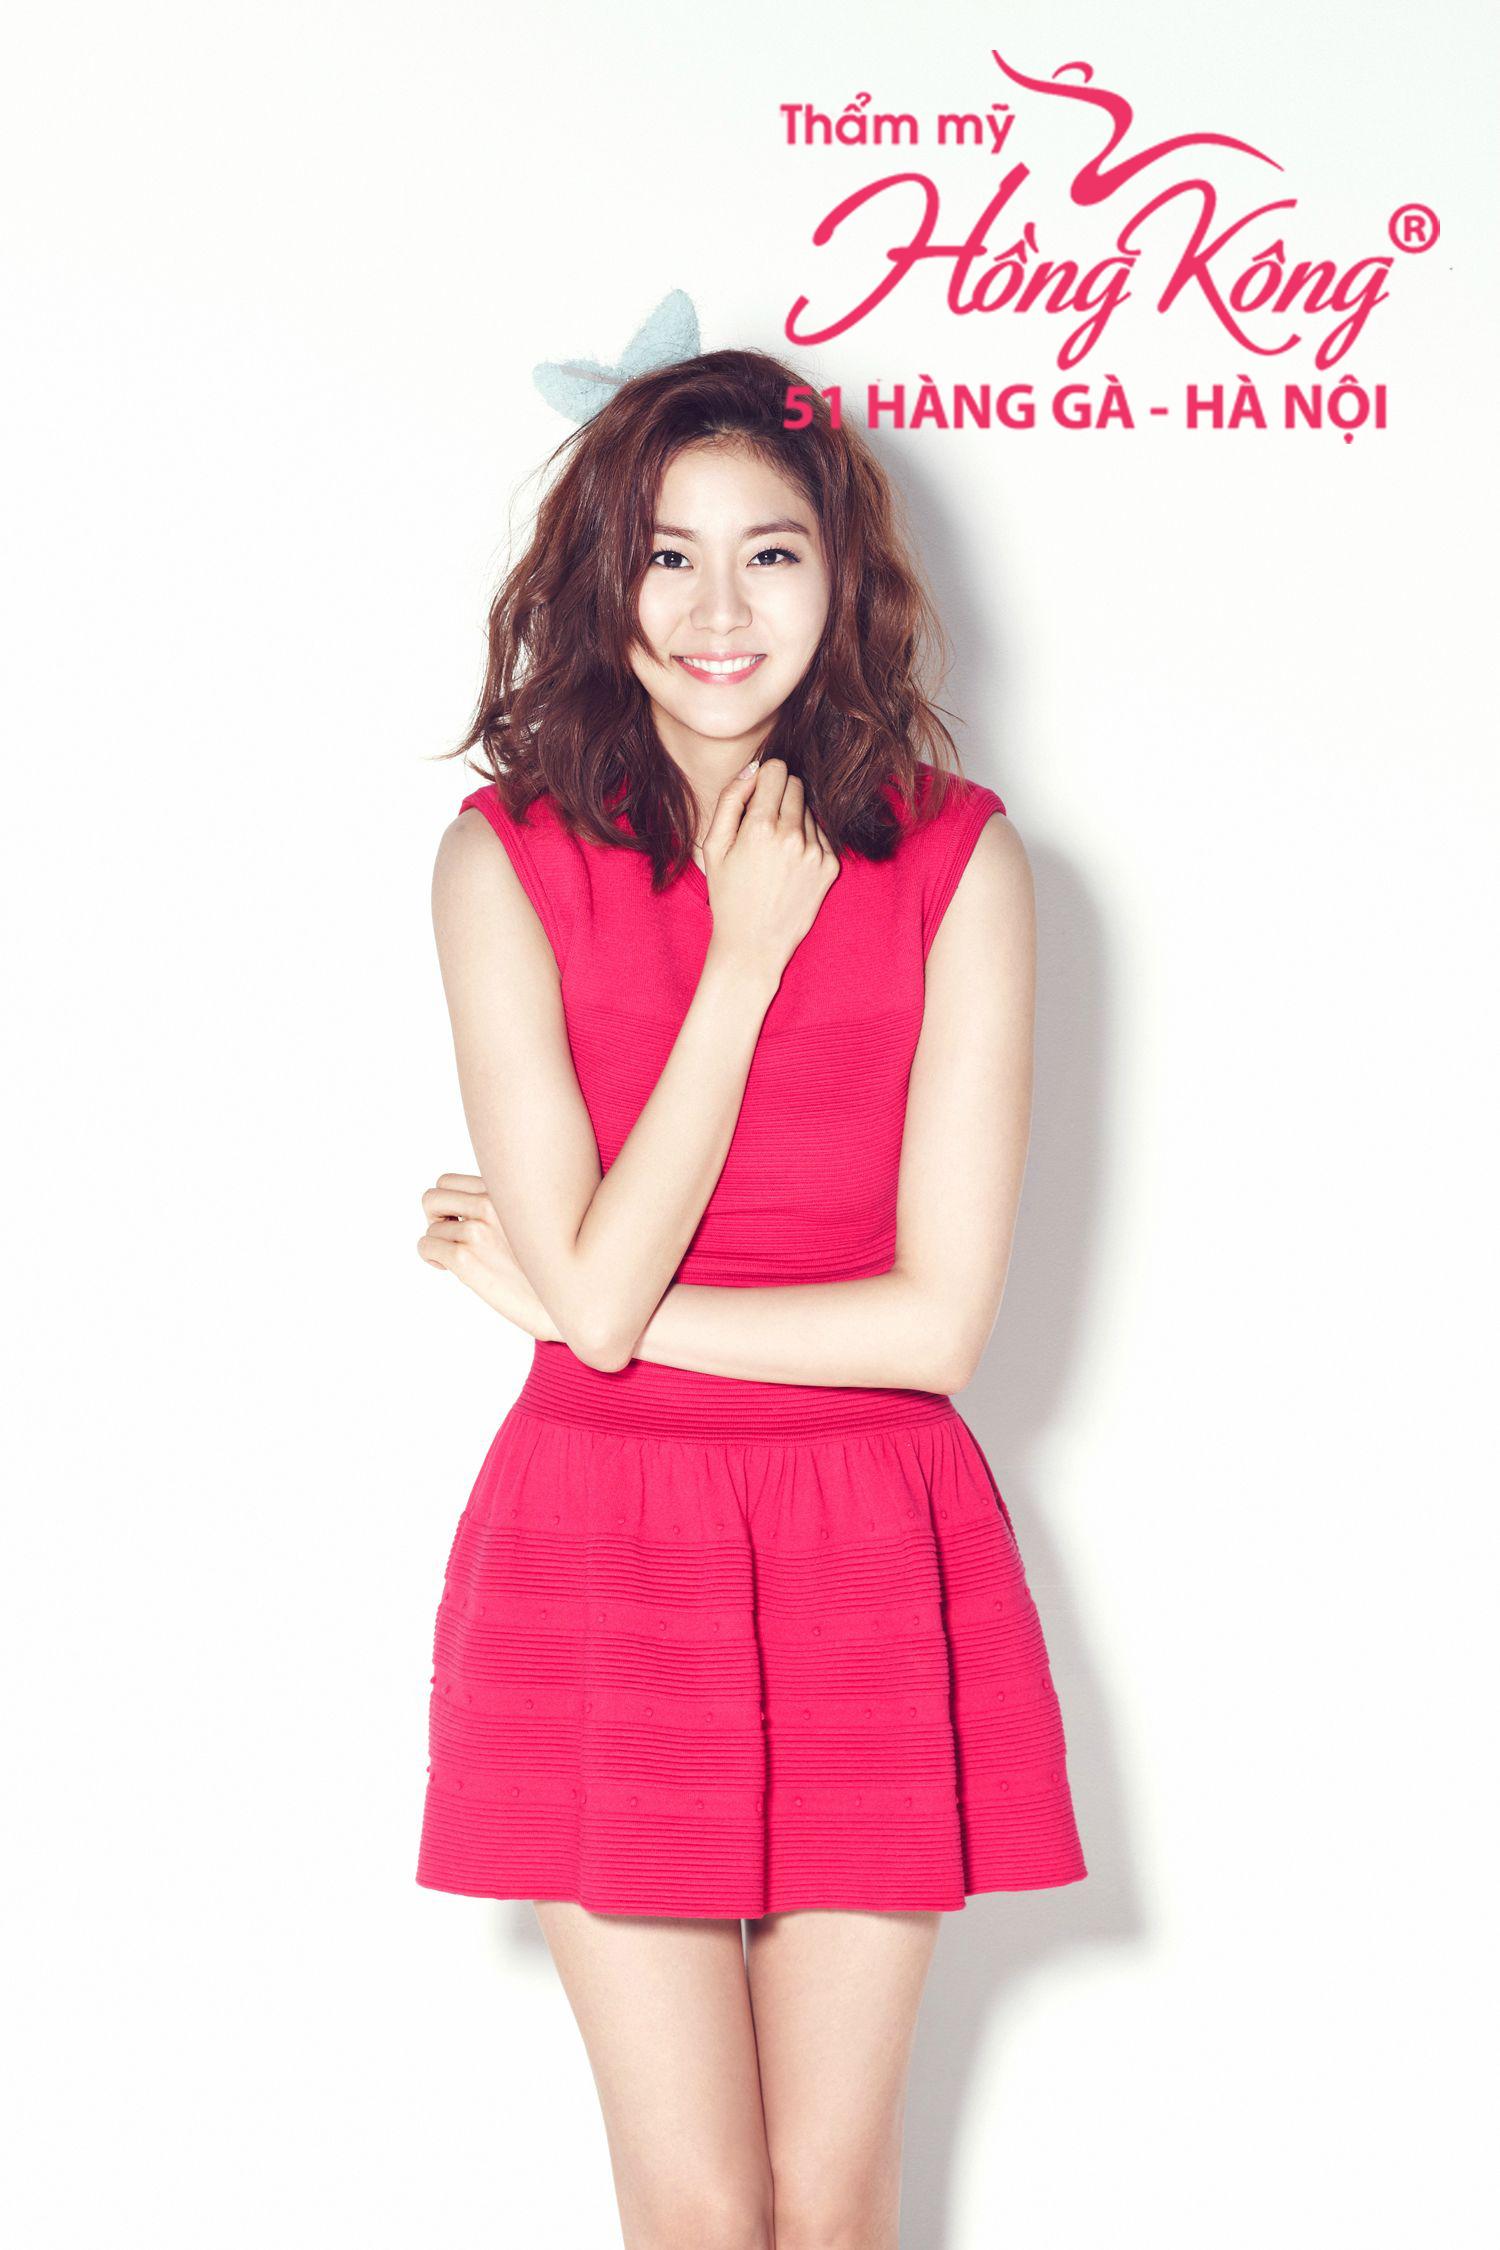 giam-can-cho-eo-kien-lung-ong-chi-voi-1-lieu-trinh-1 copy